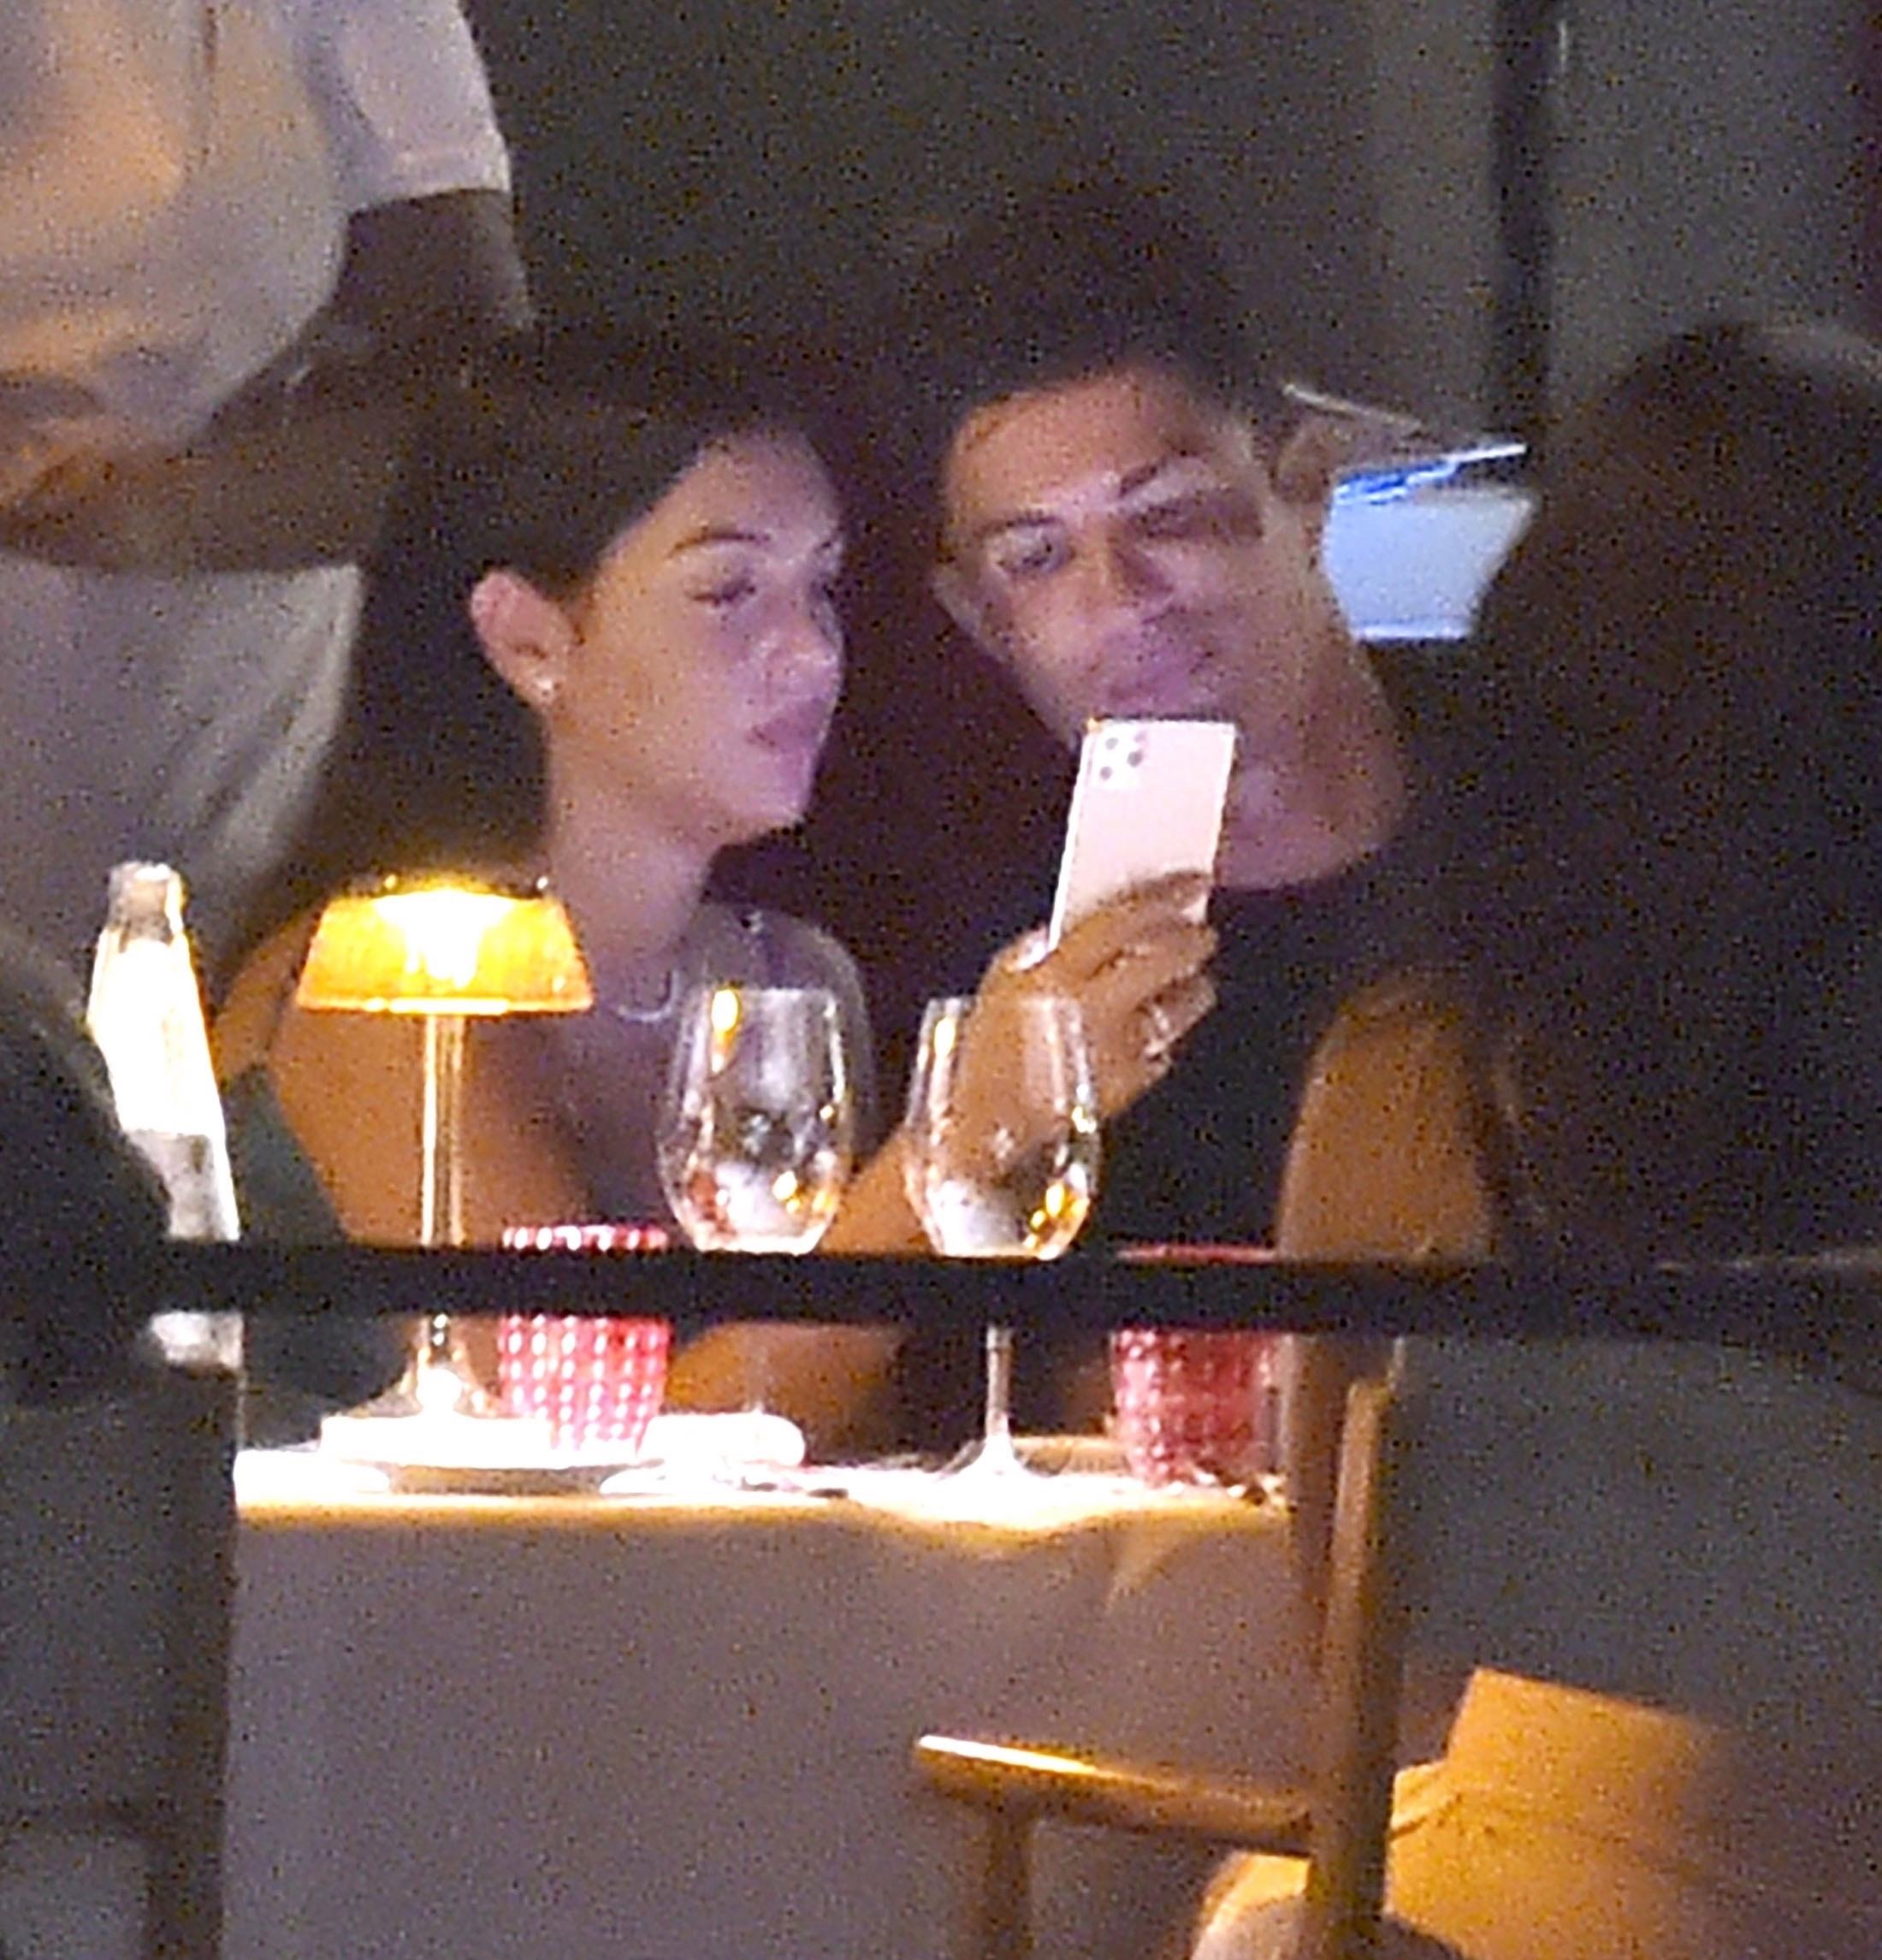 Ronaldo và bạn gái lại khiến dân tình ghen tị: Tay trong tay dạo biển, ăn tối lãng mạn - ảnh 4